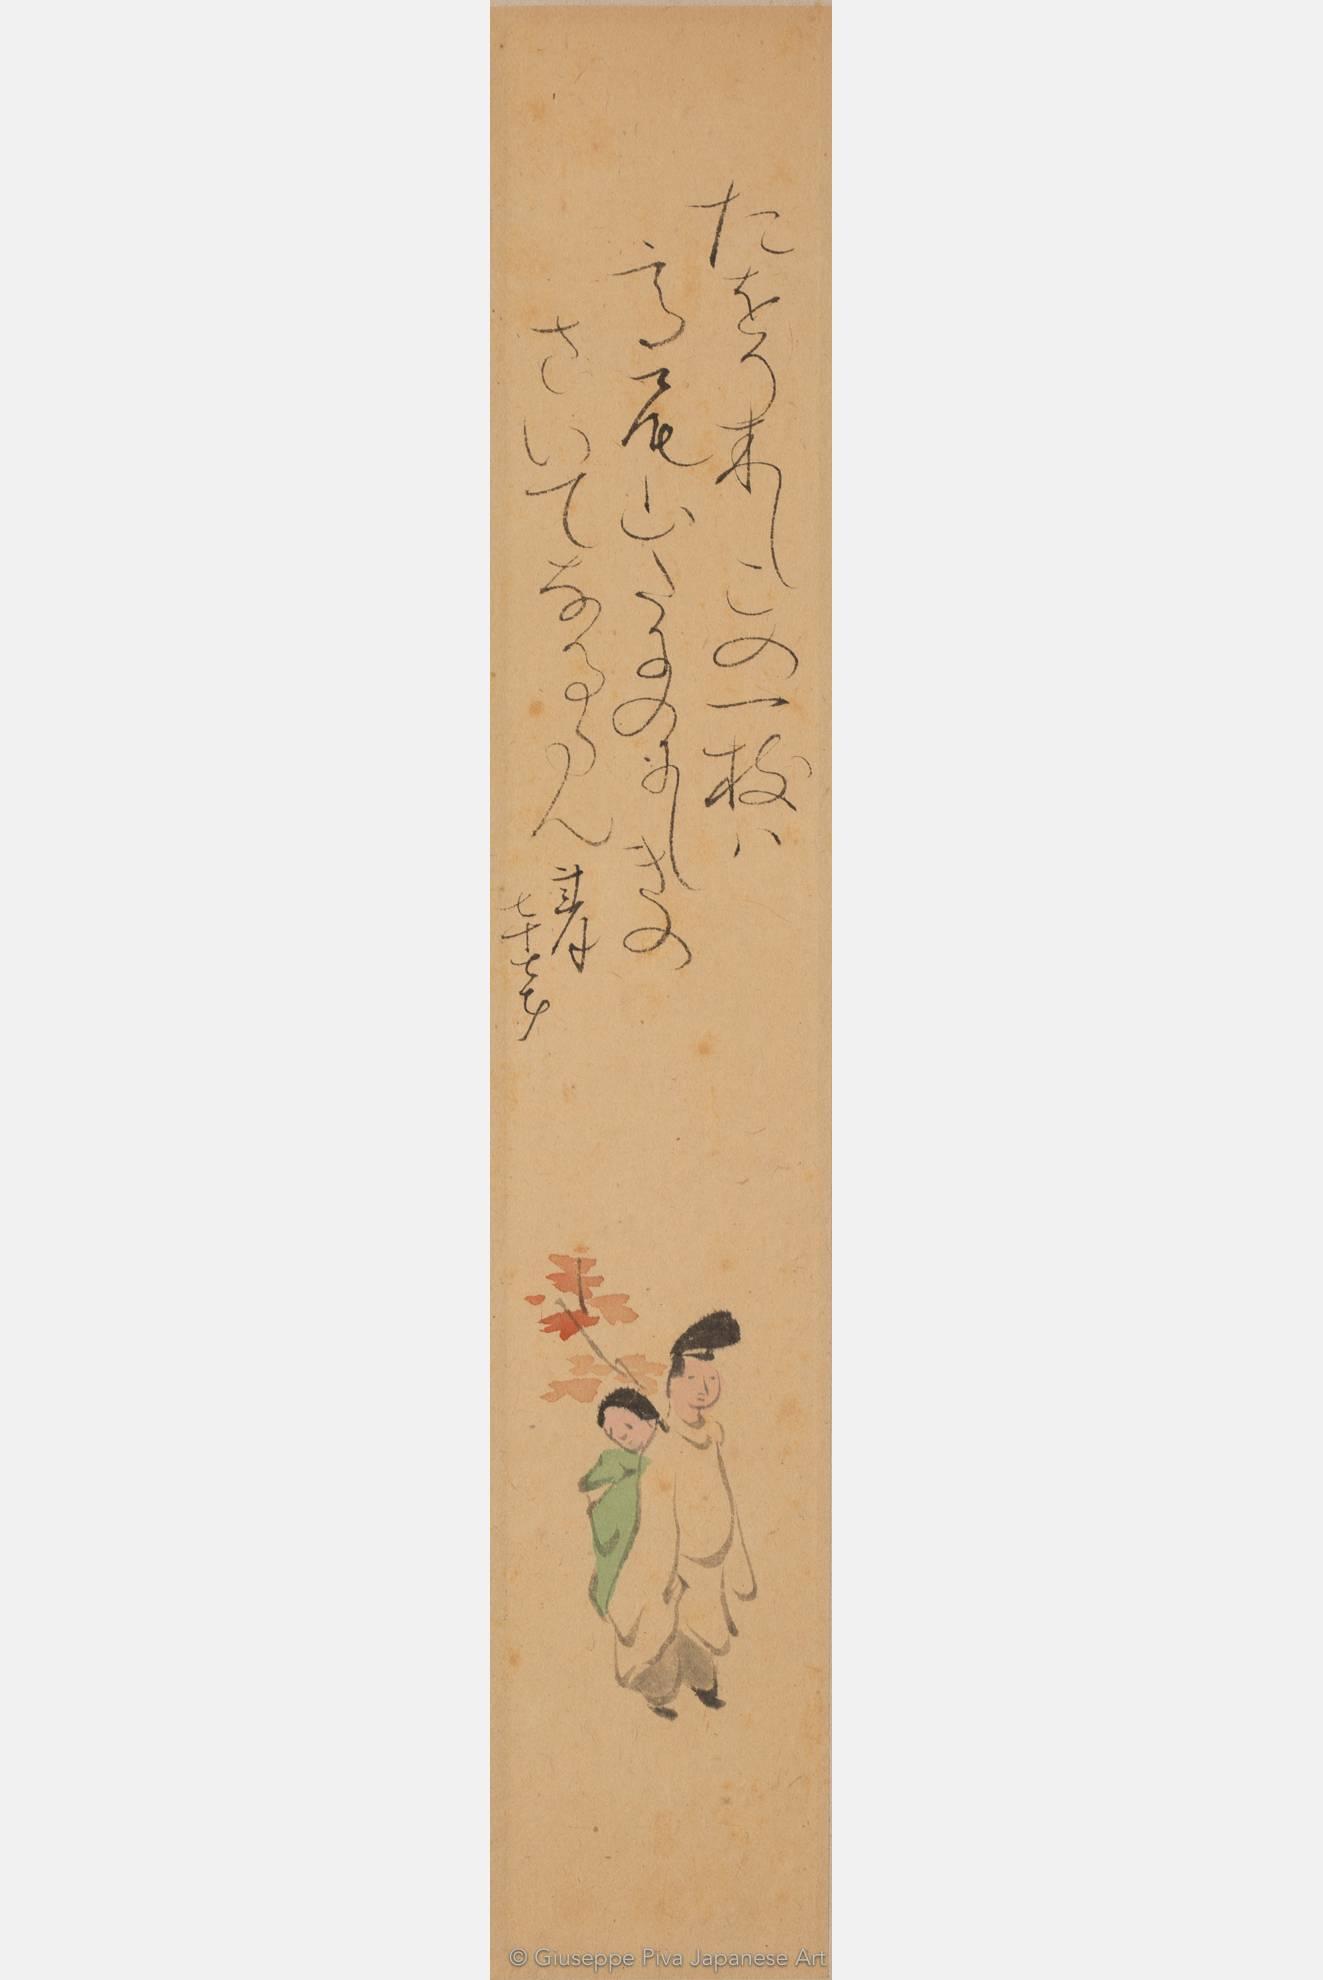 Rengetsu Tanzaku